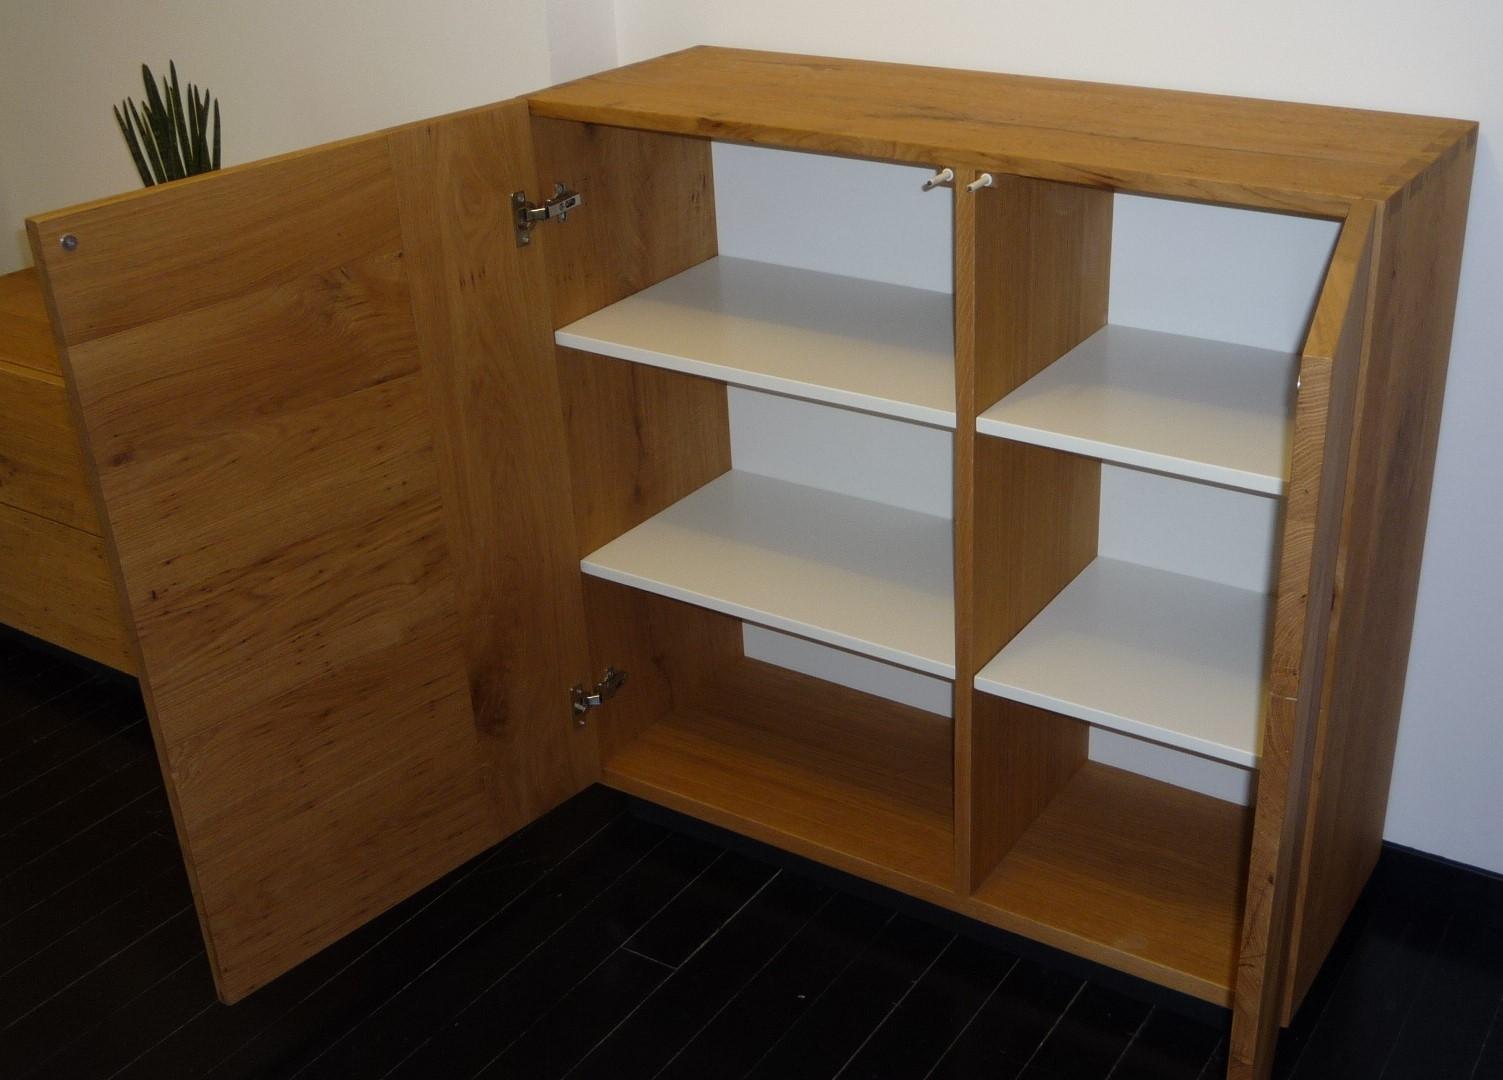 Quadri per cucina moderna - Ikea smaltimento mobili usati ...